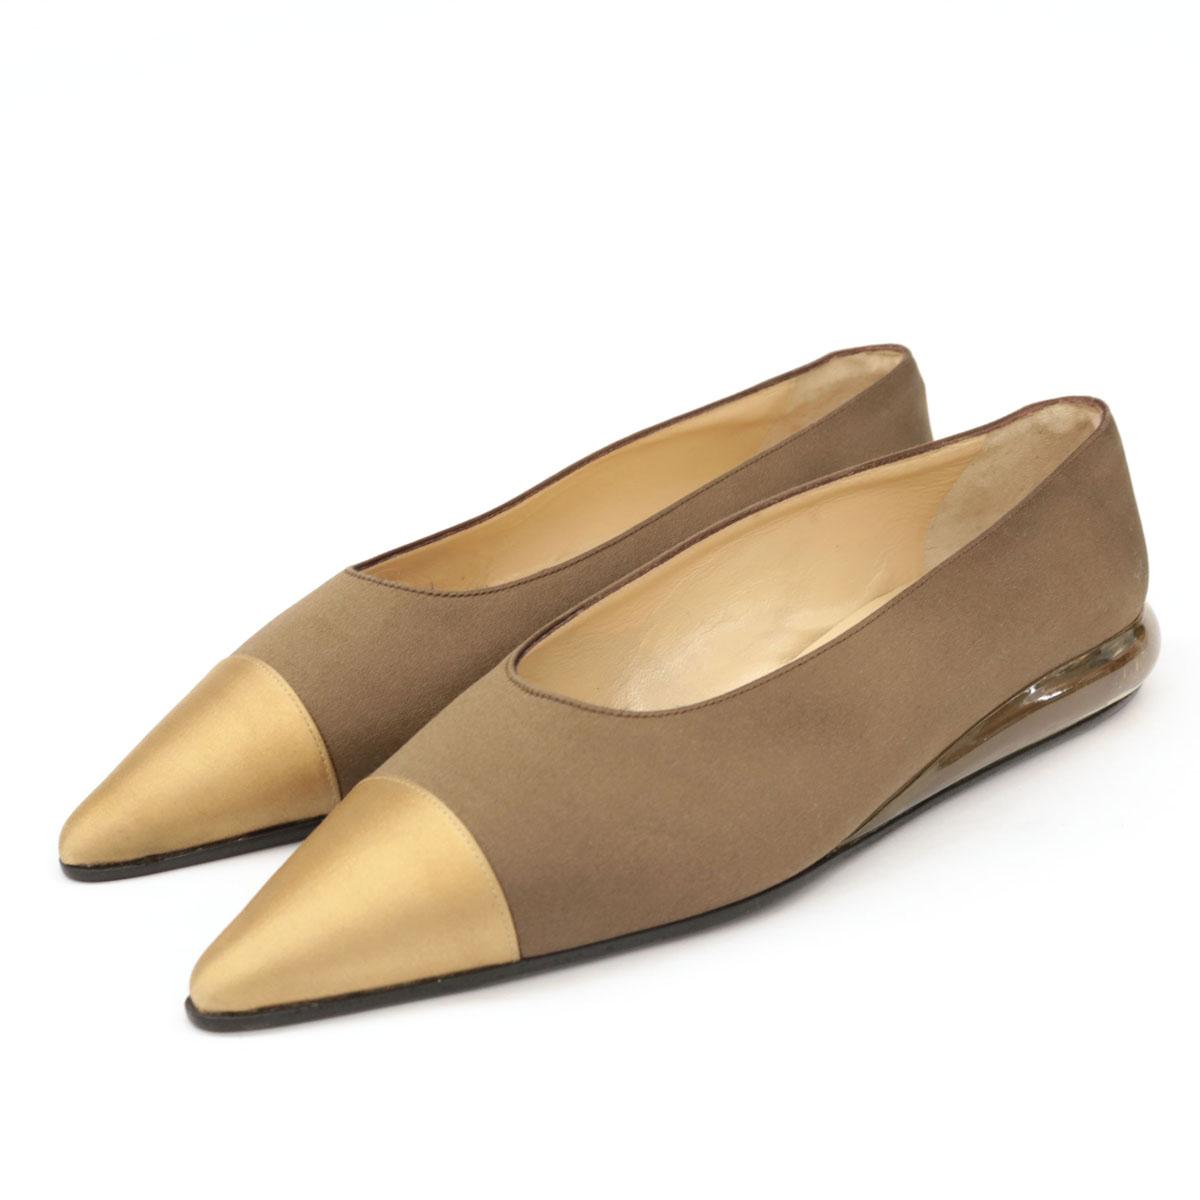 【中古】美品◆CHANEL シャネル ポインテッド トゥ フラットパンプス サイズ37◆ ブラウン×ゴールド/サテン/バイカラー/ローヒール/レディース/靴